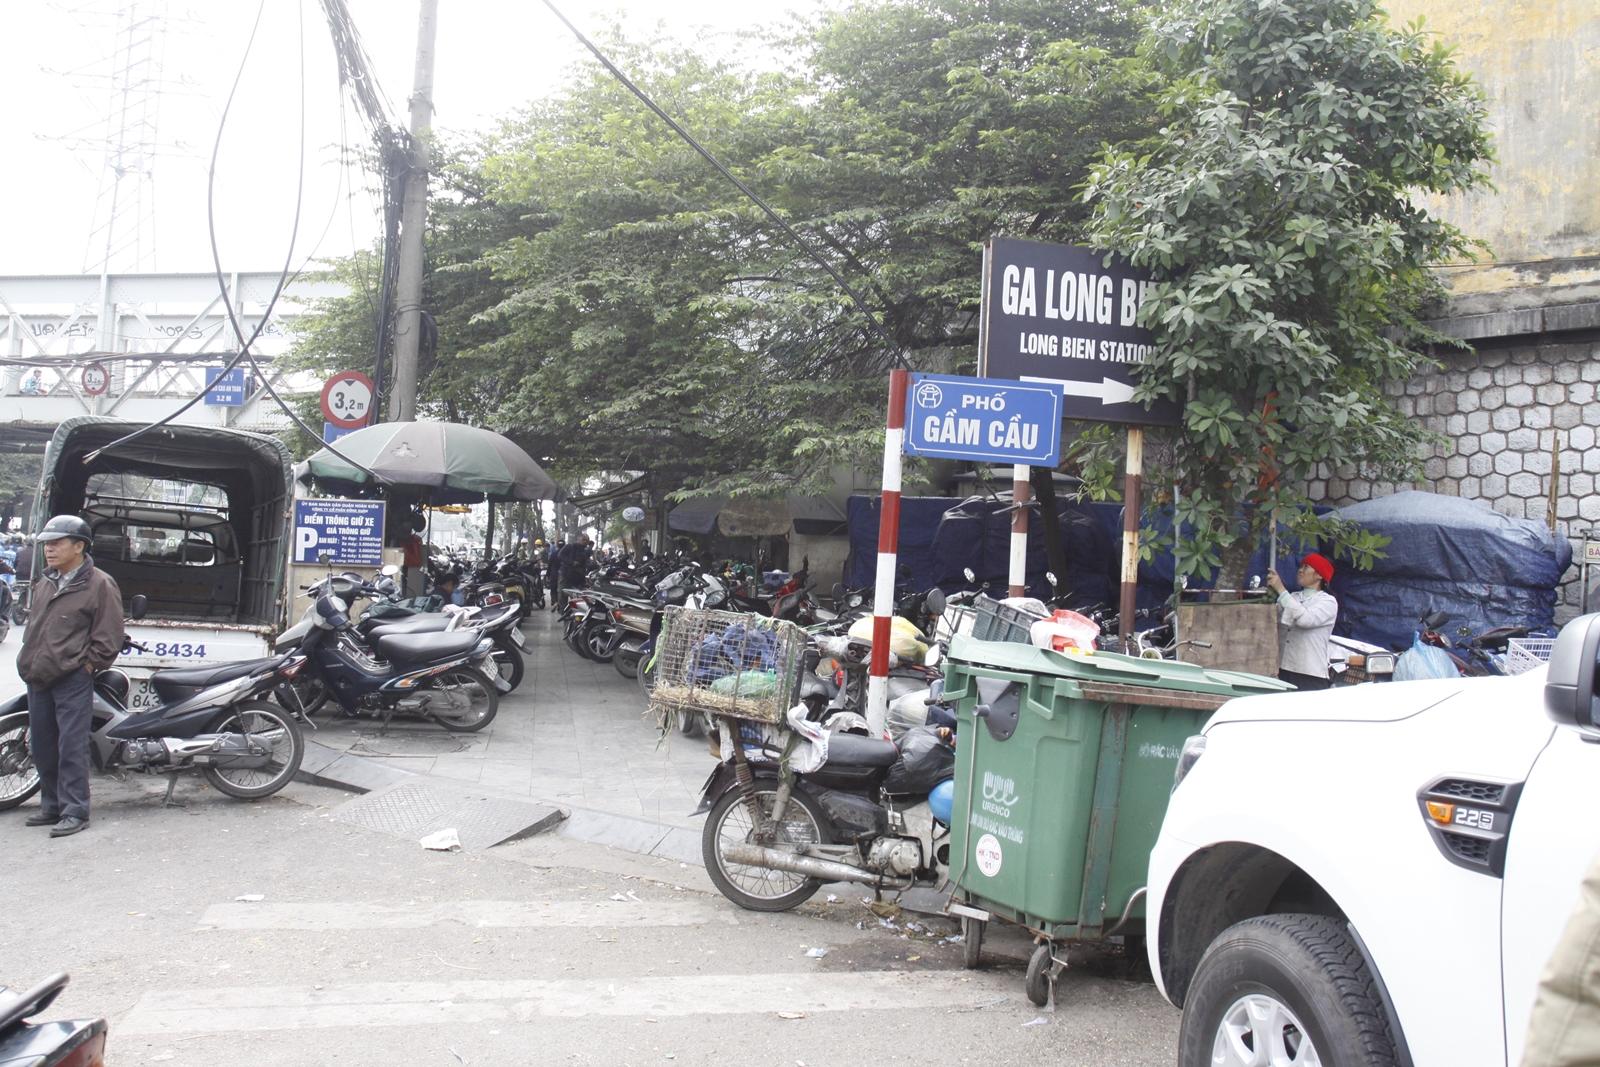 """Cận cảnh các bãi đỗ xe ở Hà Nội trước giờ """"G"""" tăng giá - Hình 1"""